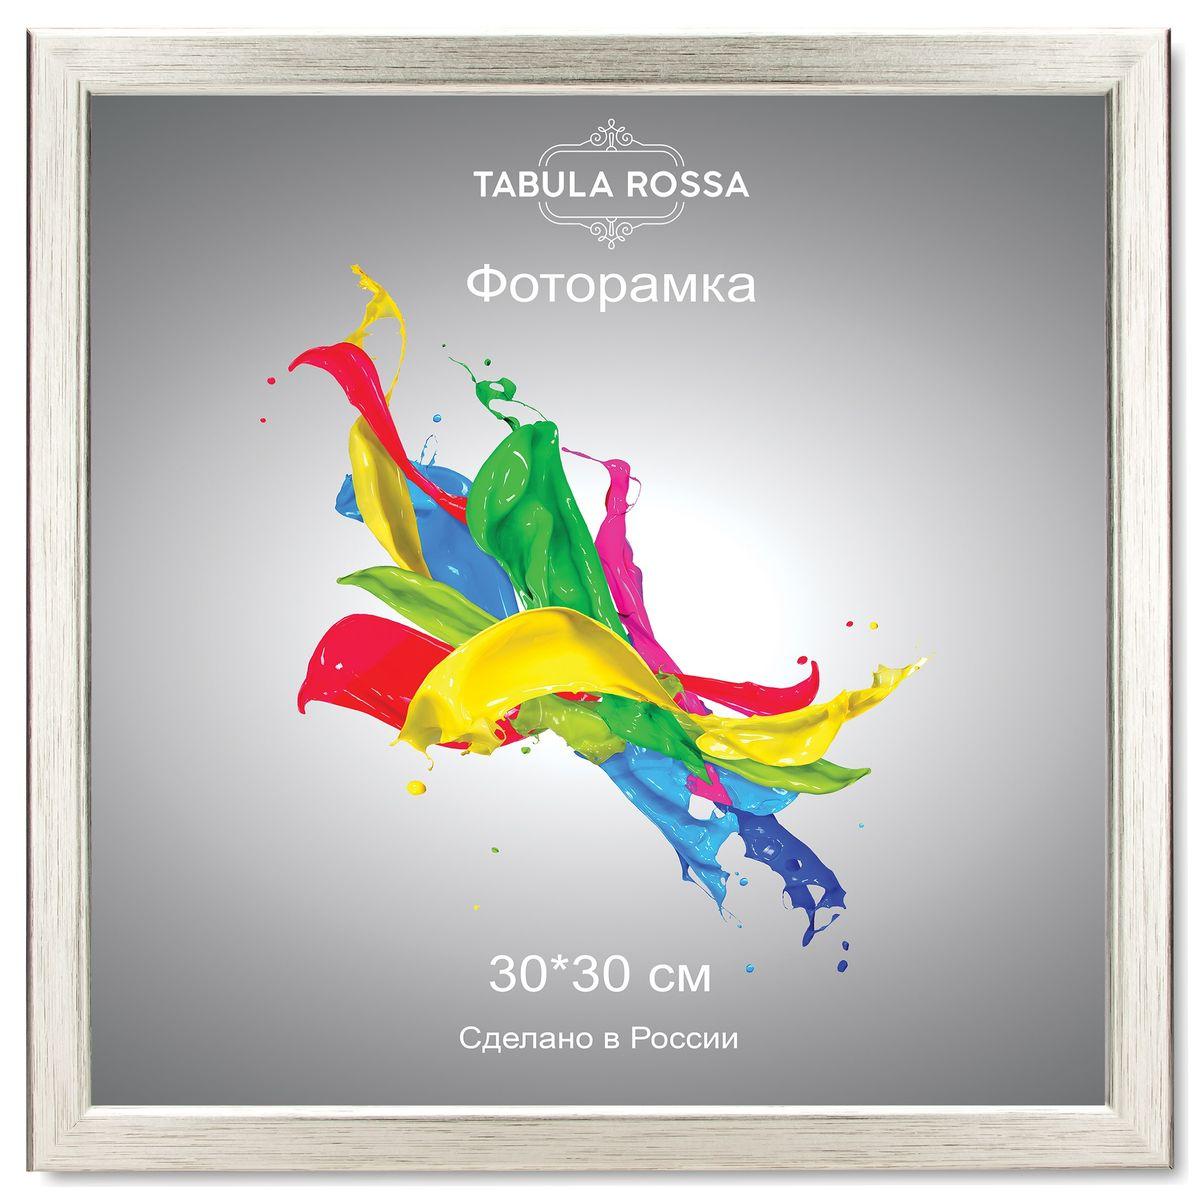 Фоторамка Tabula Rossa, цвет: серебро, 30 х 30 см. ТР 5134ТР 6007Фоторамка Tabula Rossa выполнена в классическом стиле из высококачественного МДФ и стекла, защищающего фотографию. Оборотная сторона рамки оснащена специальной ножкой, благодаря которой ее можно поставить на стол или любое другое место в доме или офисе. Также изделие дополнено двумя специальными креплениями для подвешивания на стену.Такая фоторамка не теряет своих свойств со временем, не деформируется и не выцветает. Она поможет вам оригинально и стильно дополнить интерьер помещения, а также позволит сохранить память о дорогих вам людях и интересных событиях вашей жизни.